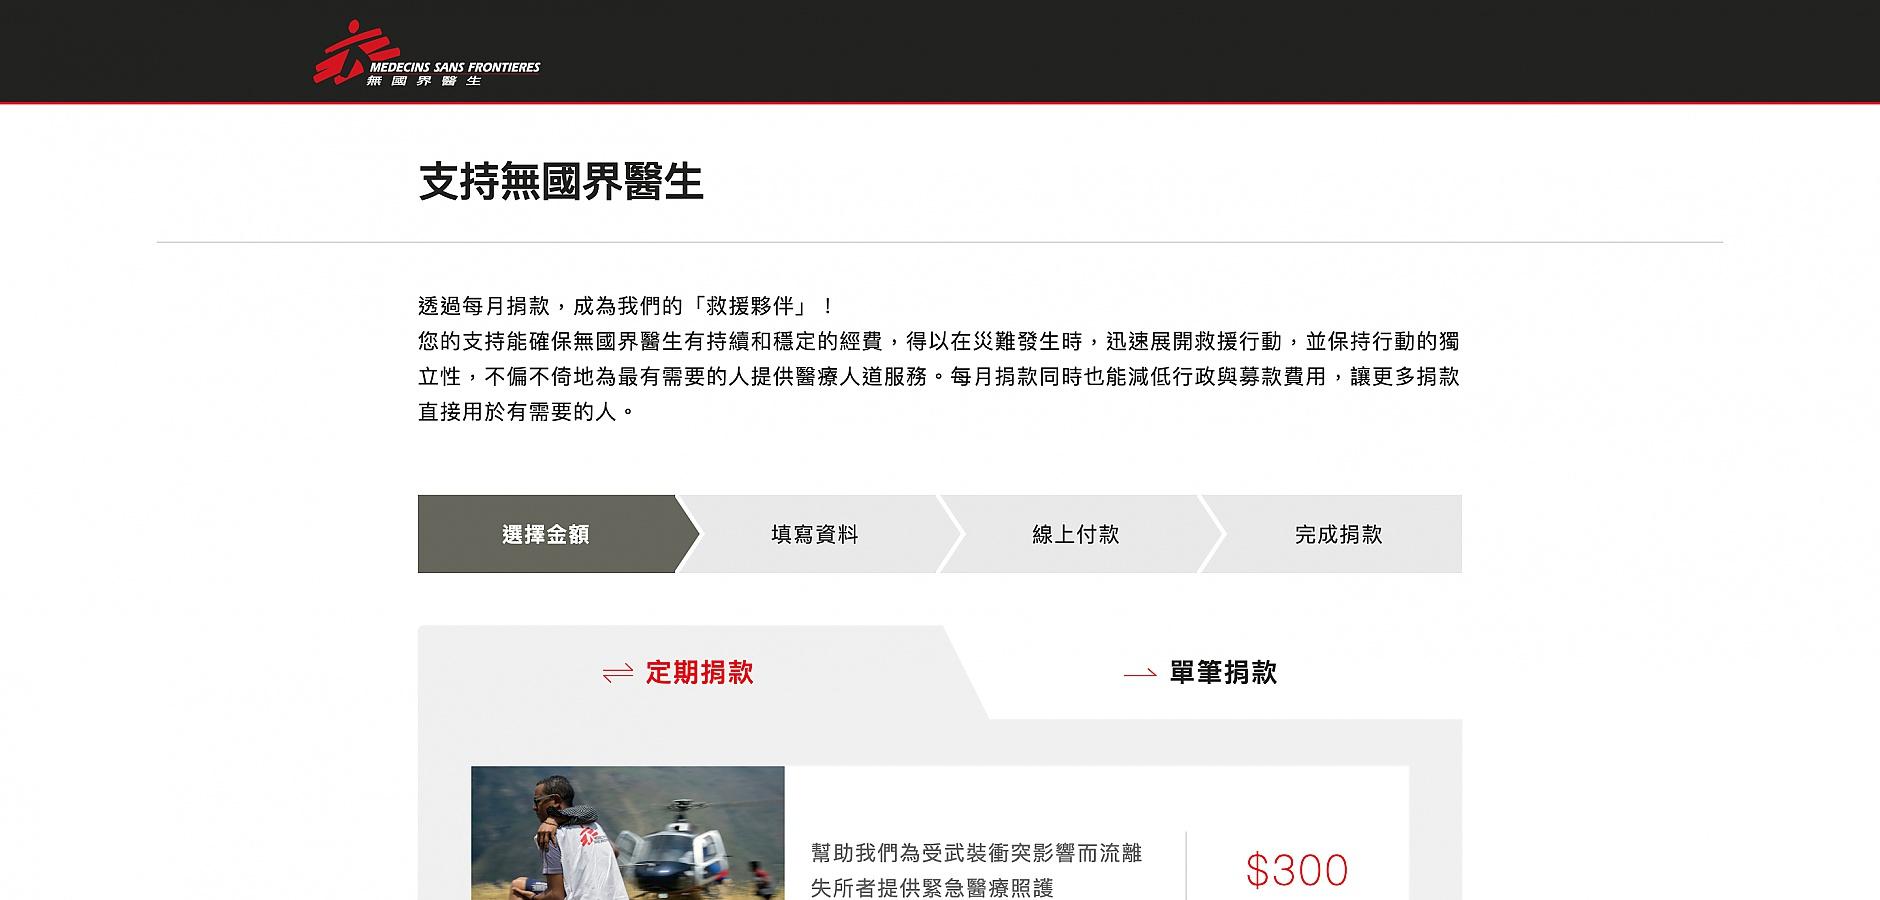 無國界醫生(台灣):捐款頁